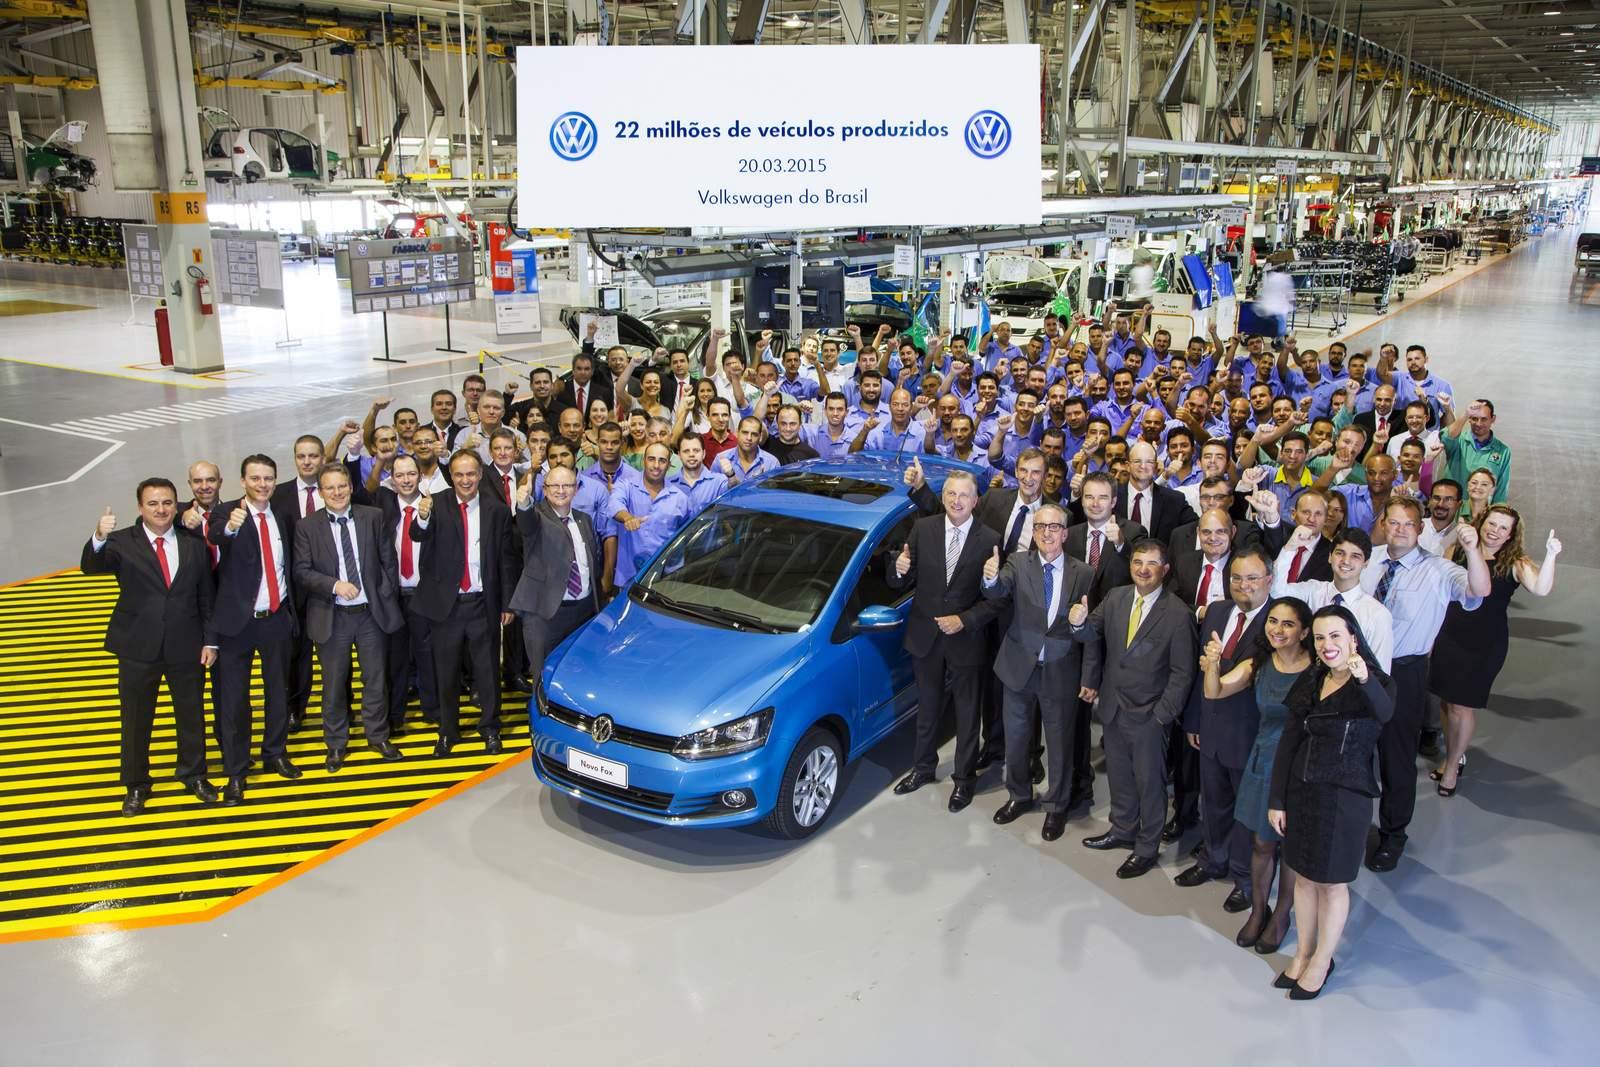 VW comemora 22 milhões de veículos produzidos no Brasil